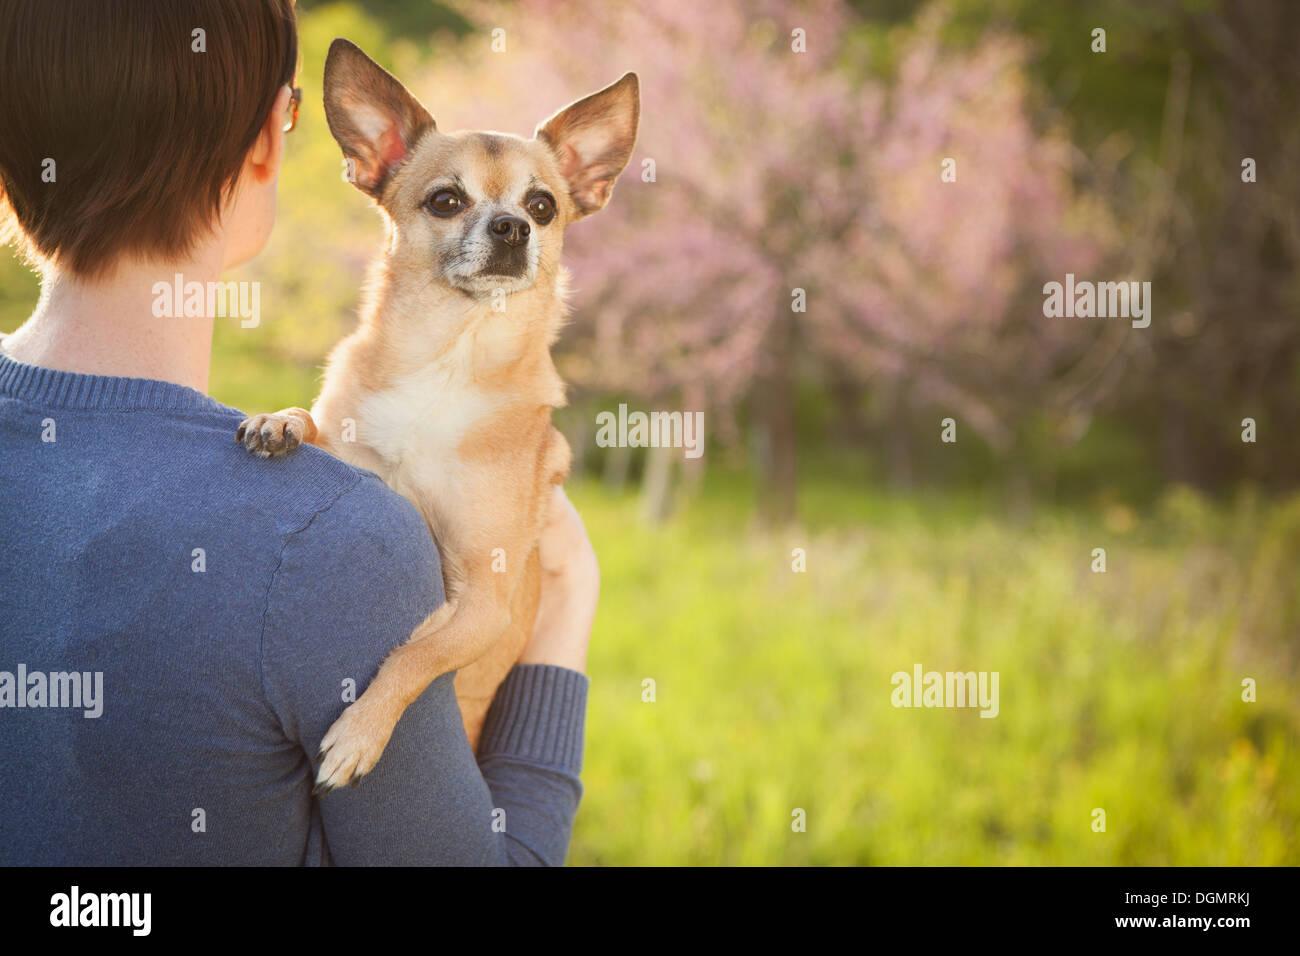 Una mujer joven en un campo de hierba en primavera. La celebración de un pequeño perro chihuahua en sus brazos. Una mascota. Foto de stock